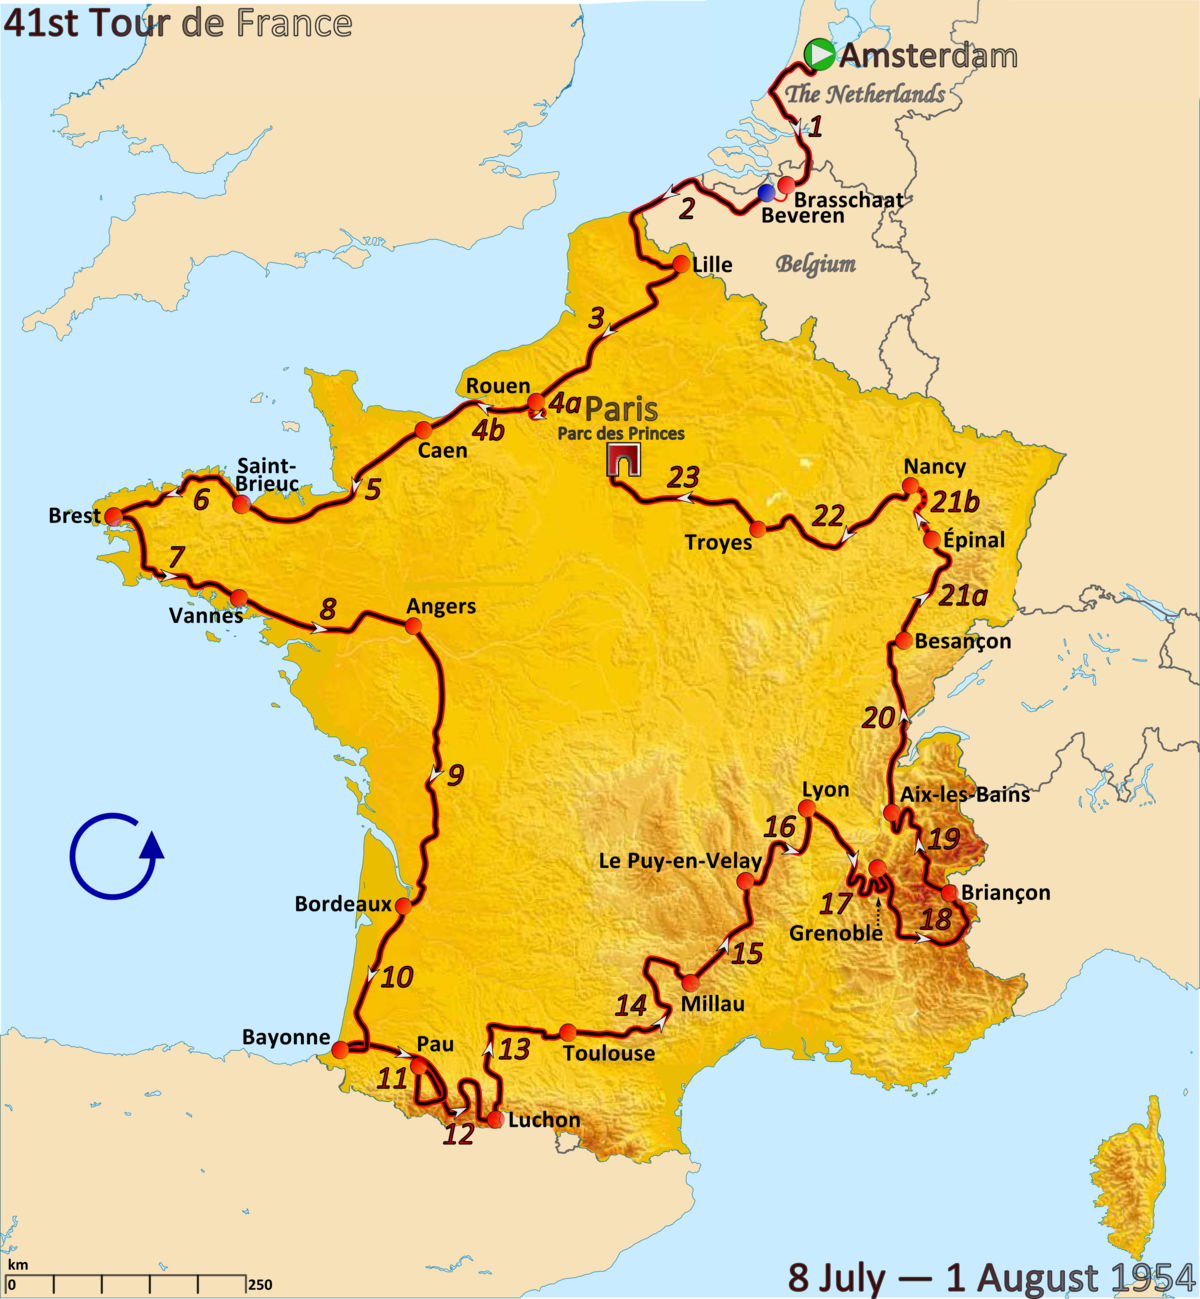 1954 Tour De France